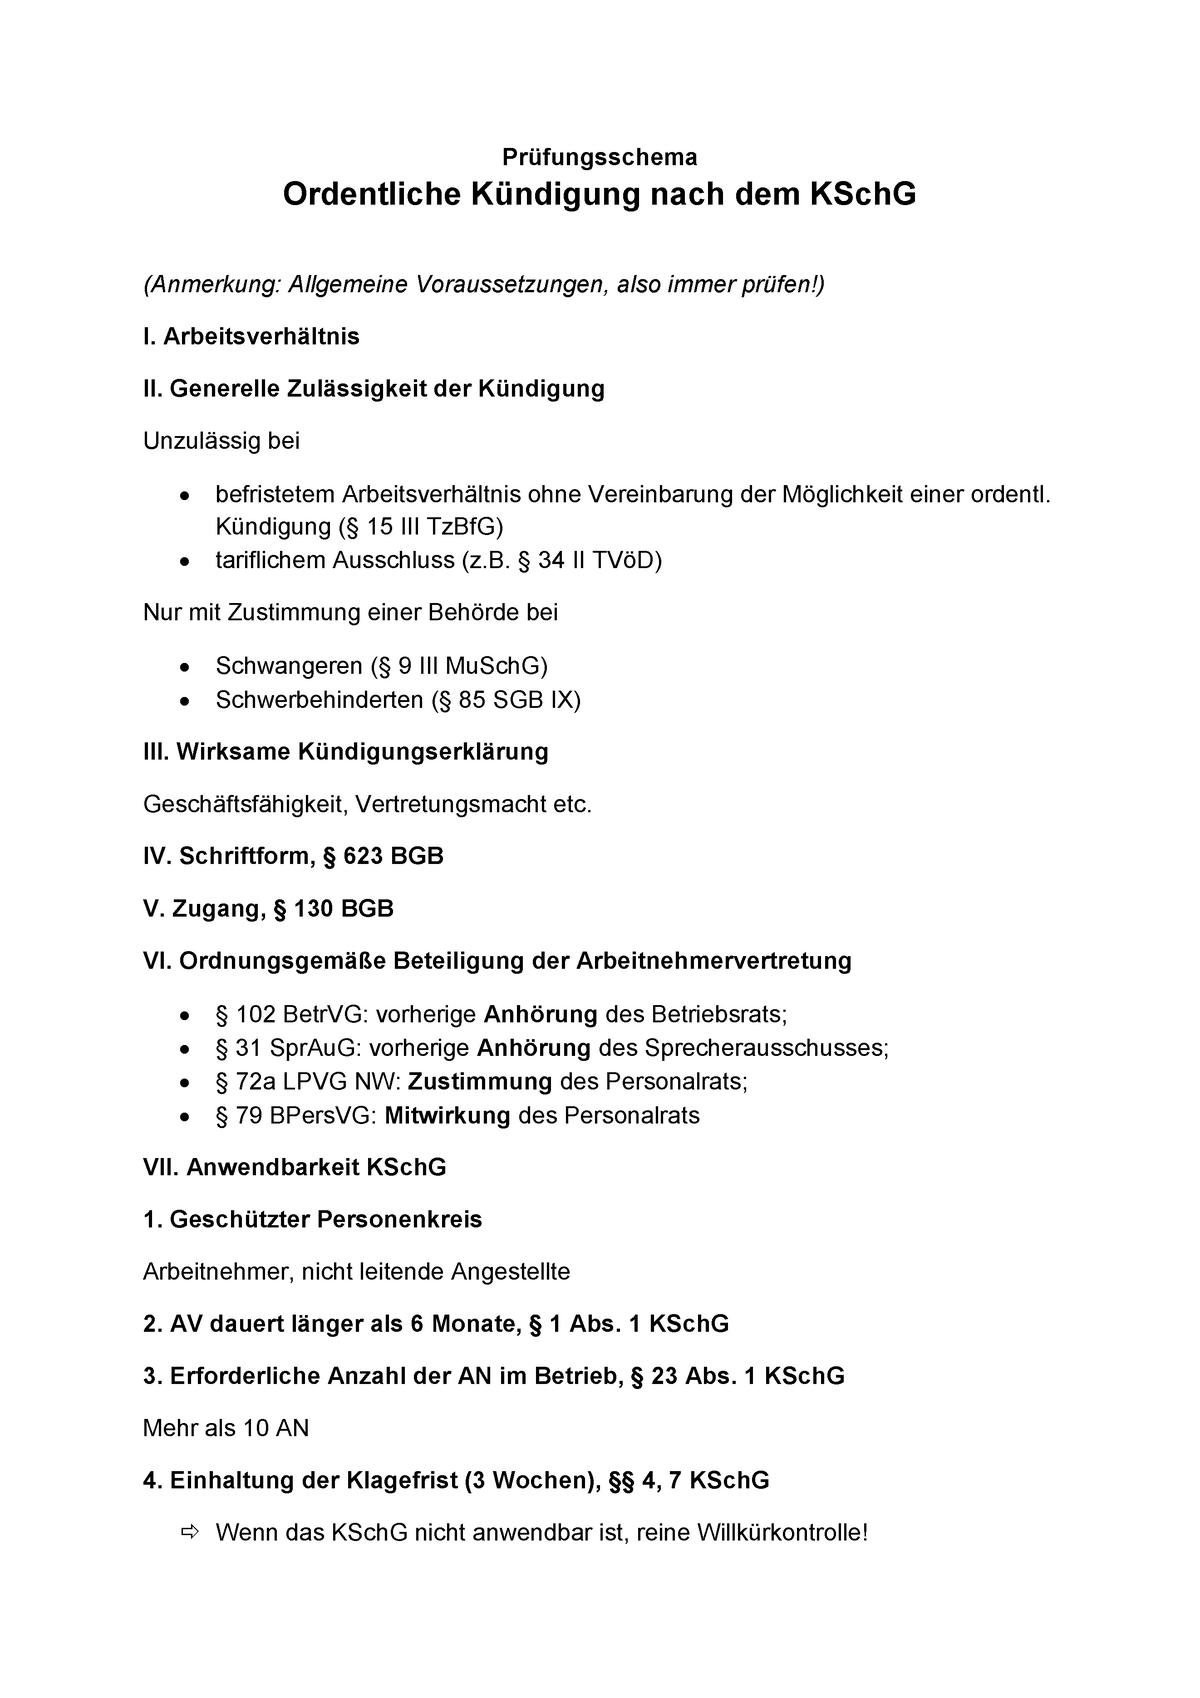 Prüfungsschema Ordentliche Kündigung Arbeitsrecht I Ude